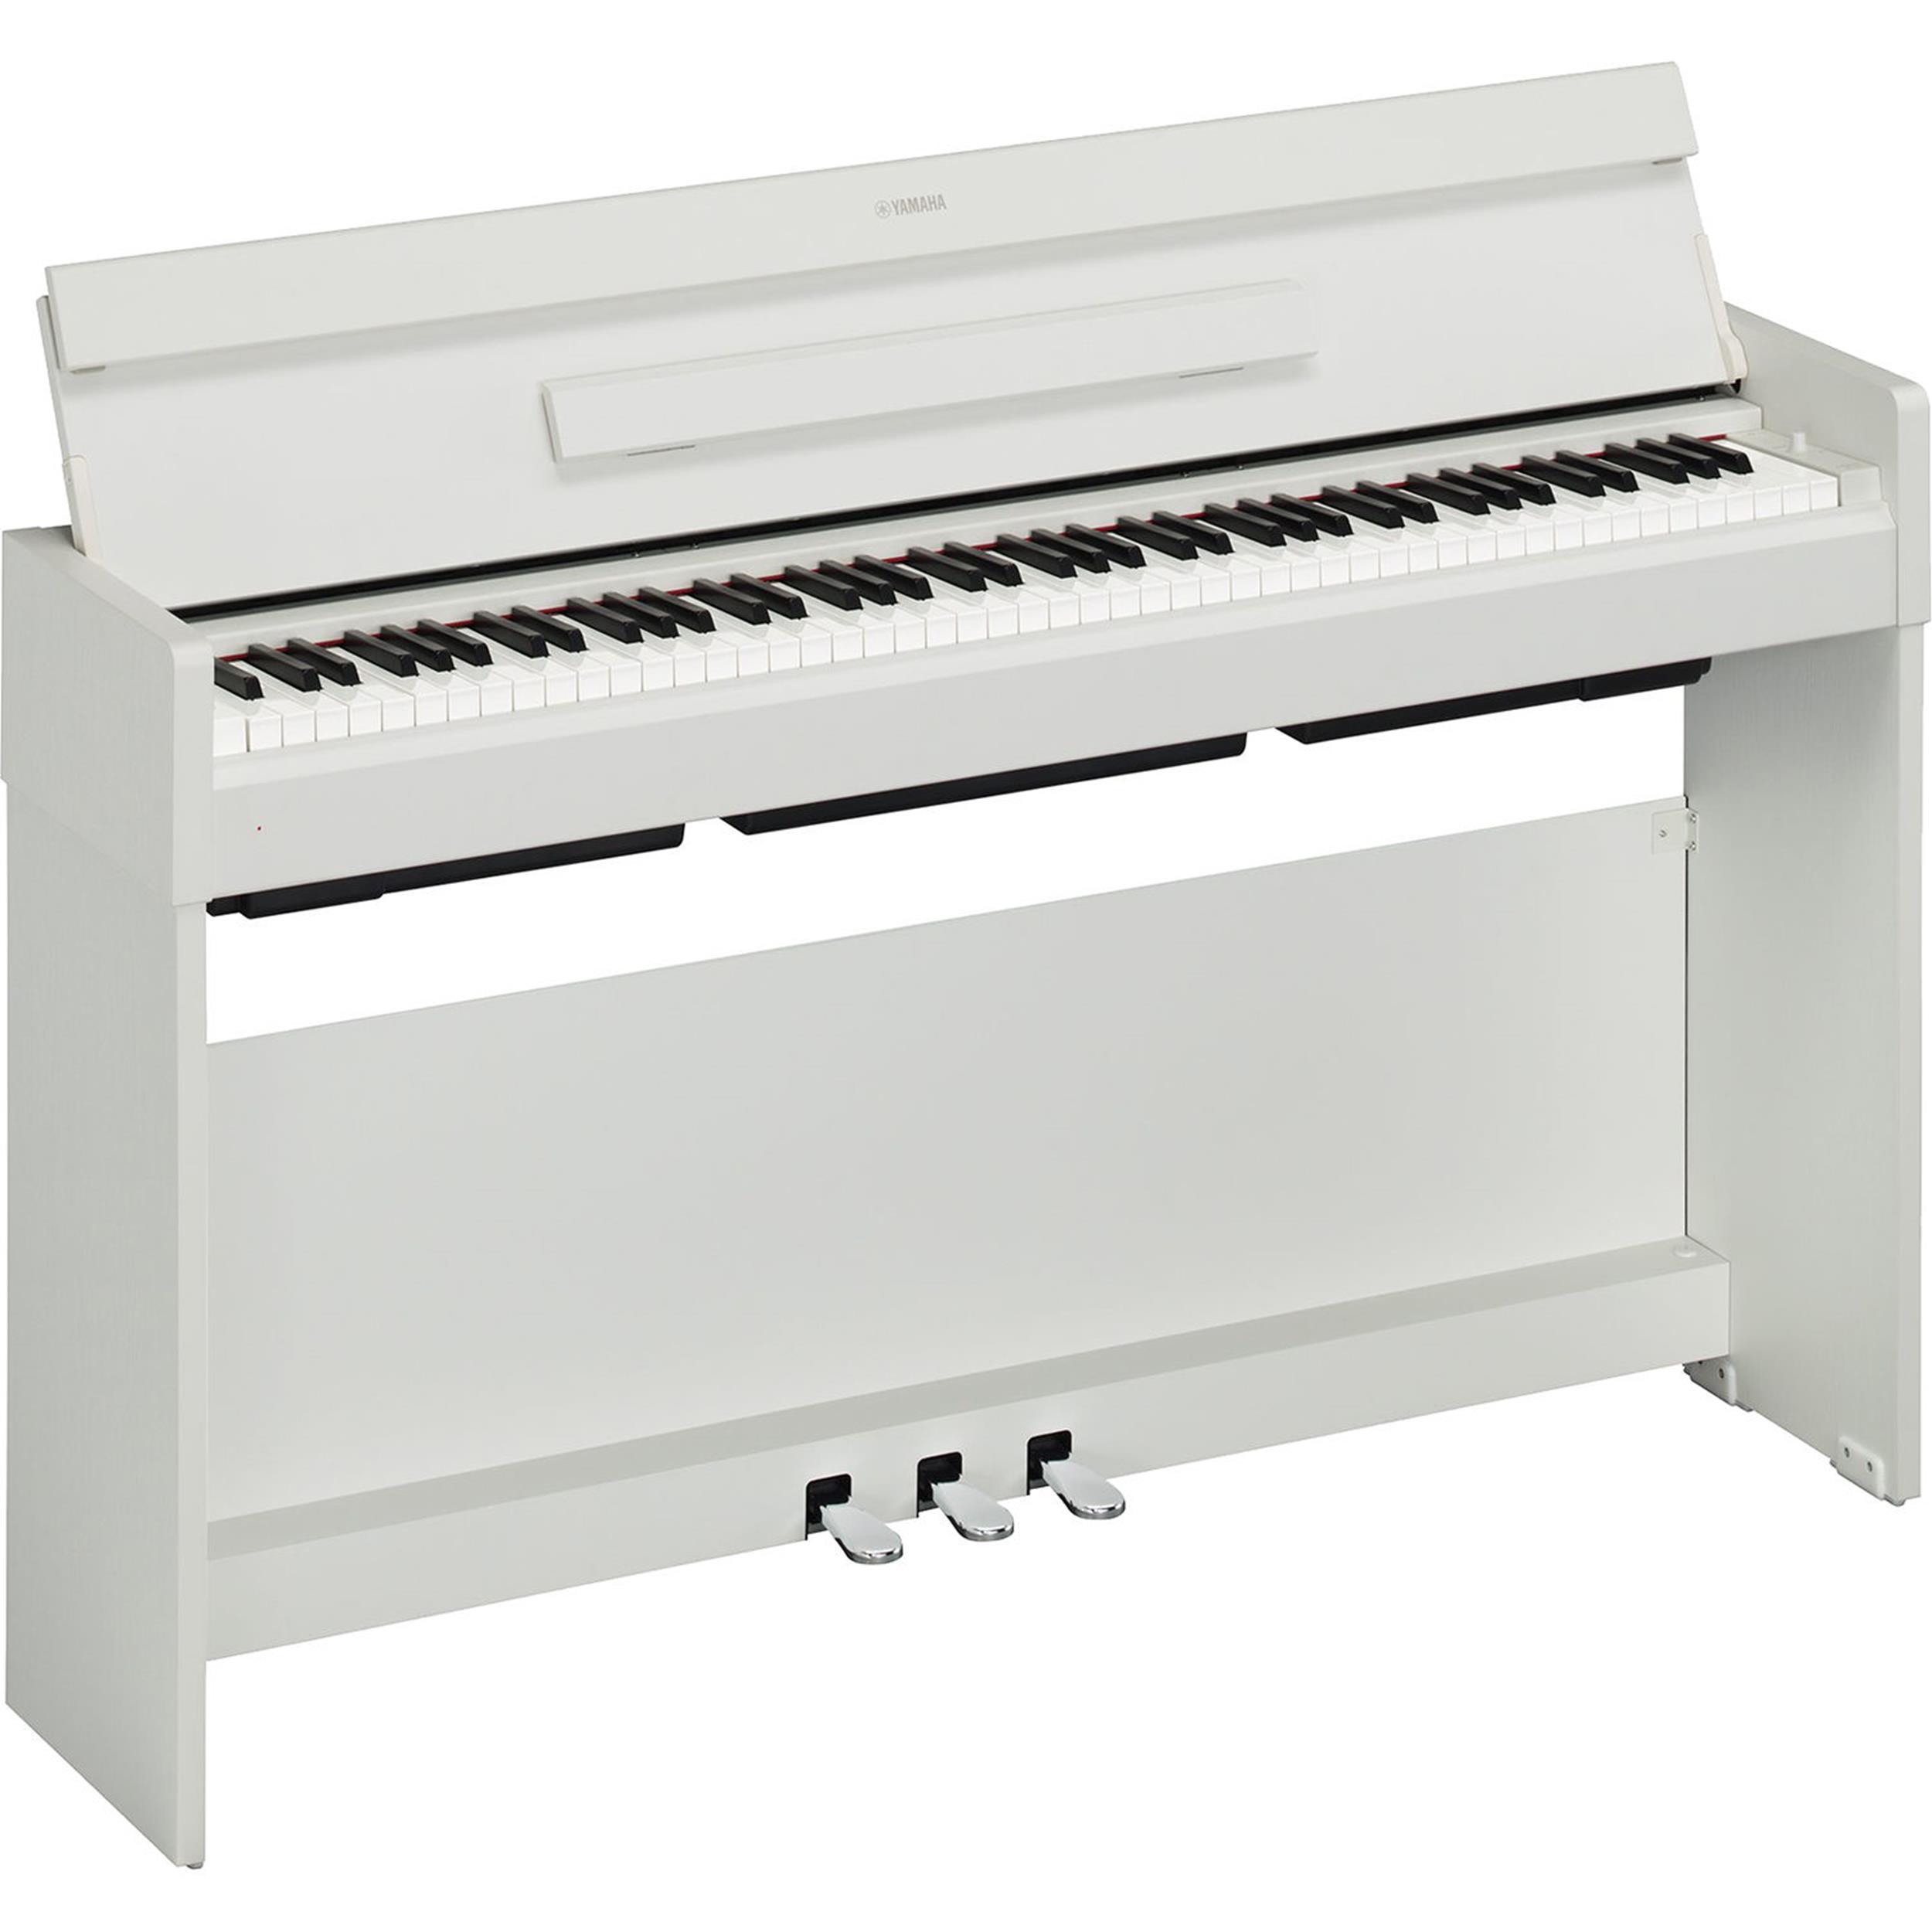 YAMAHA YDPS34WH - ARIUS - DIGITAL PIANO WHITE